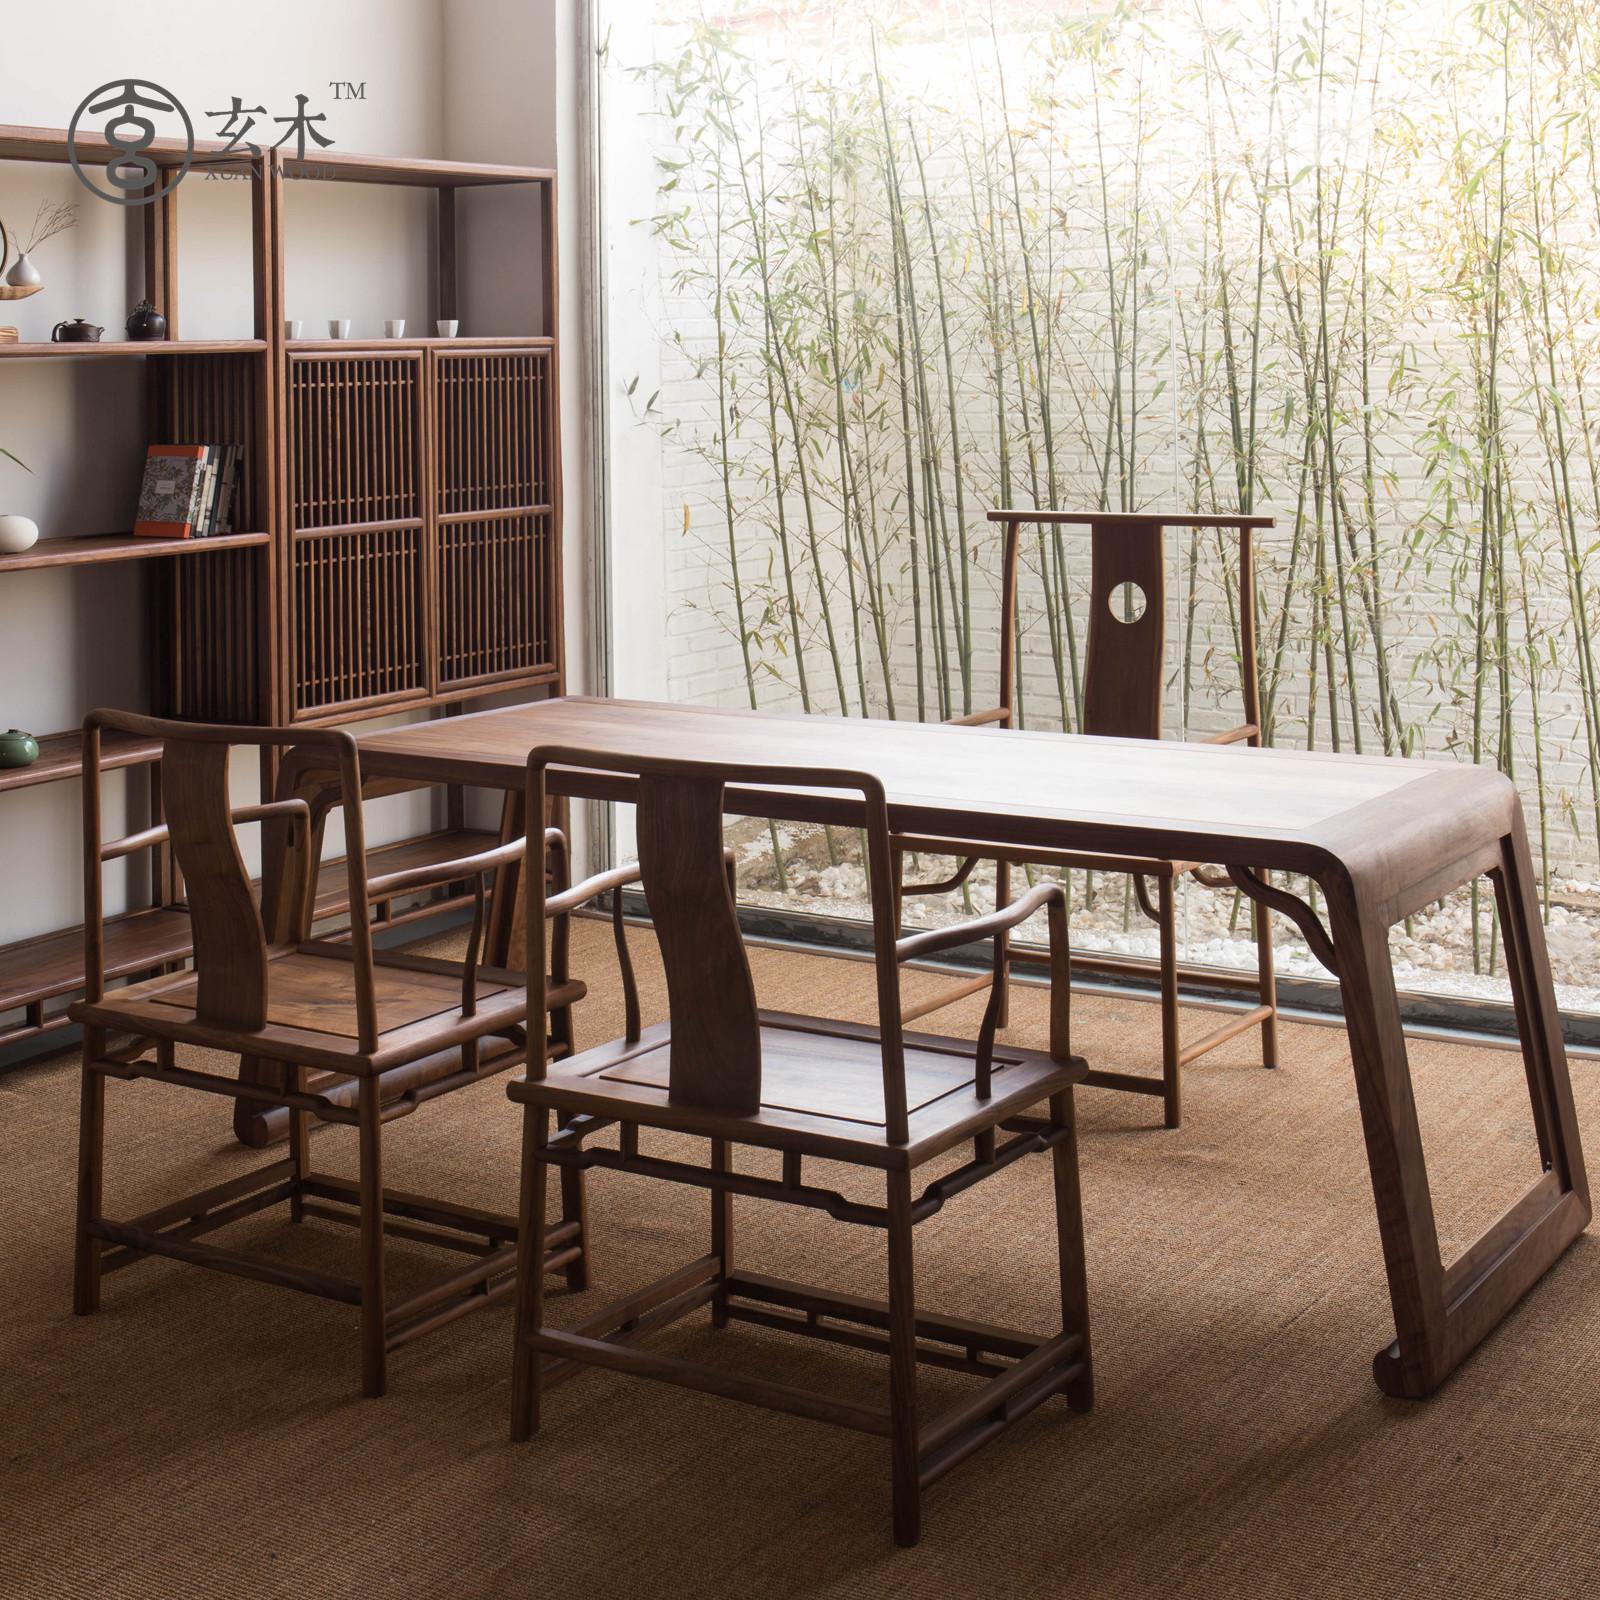 Nội Thất Phòng Ăn : bàn ăn và ghế kết hợp Bàn trà Bằng Gỗ